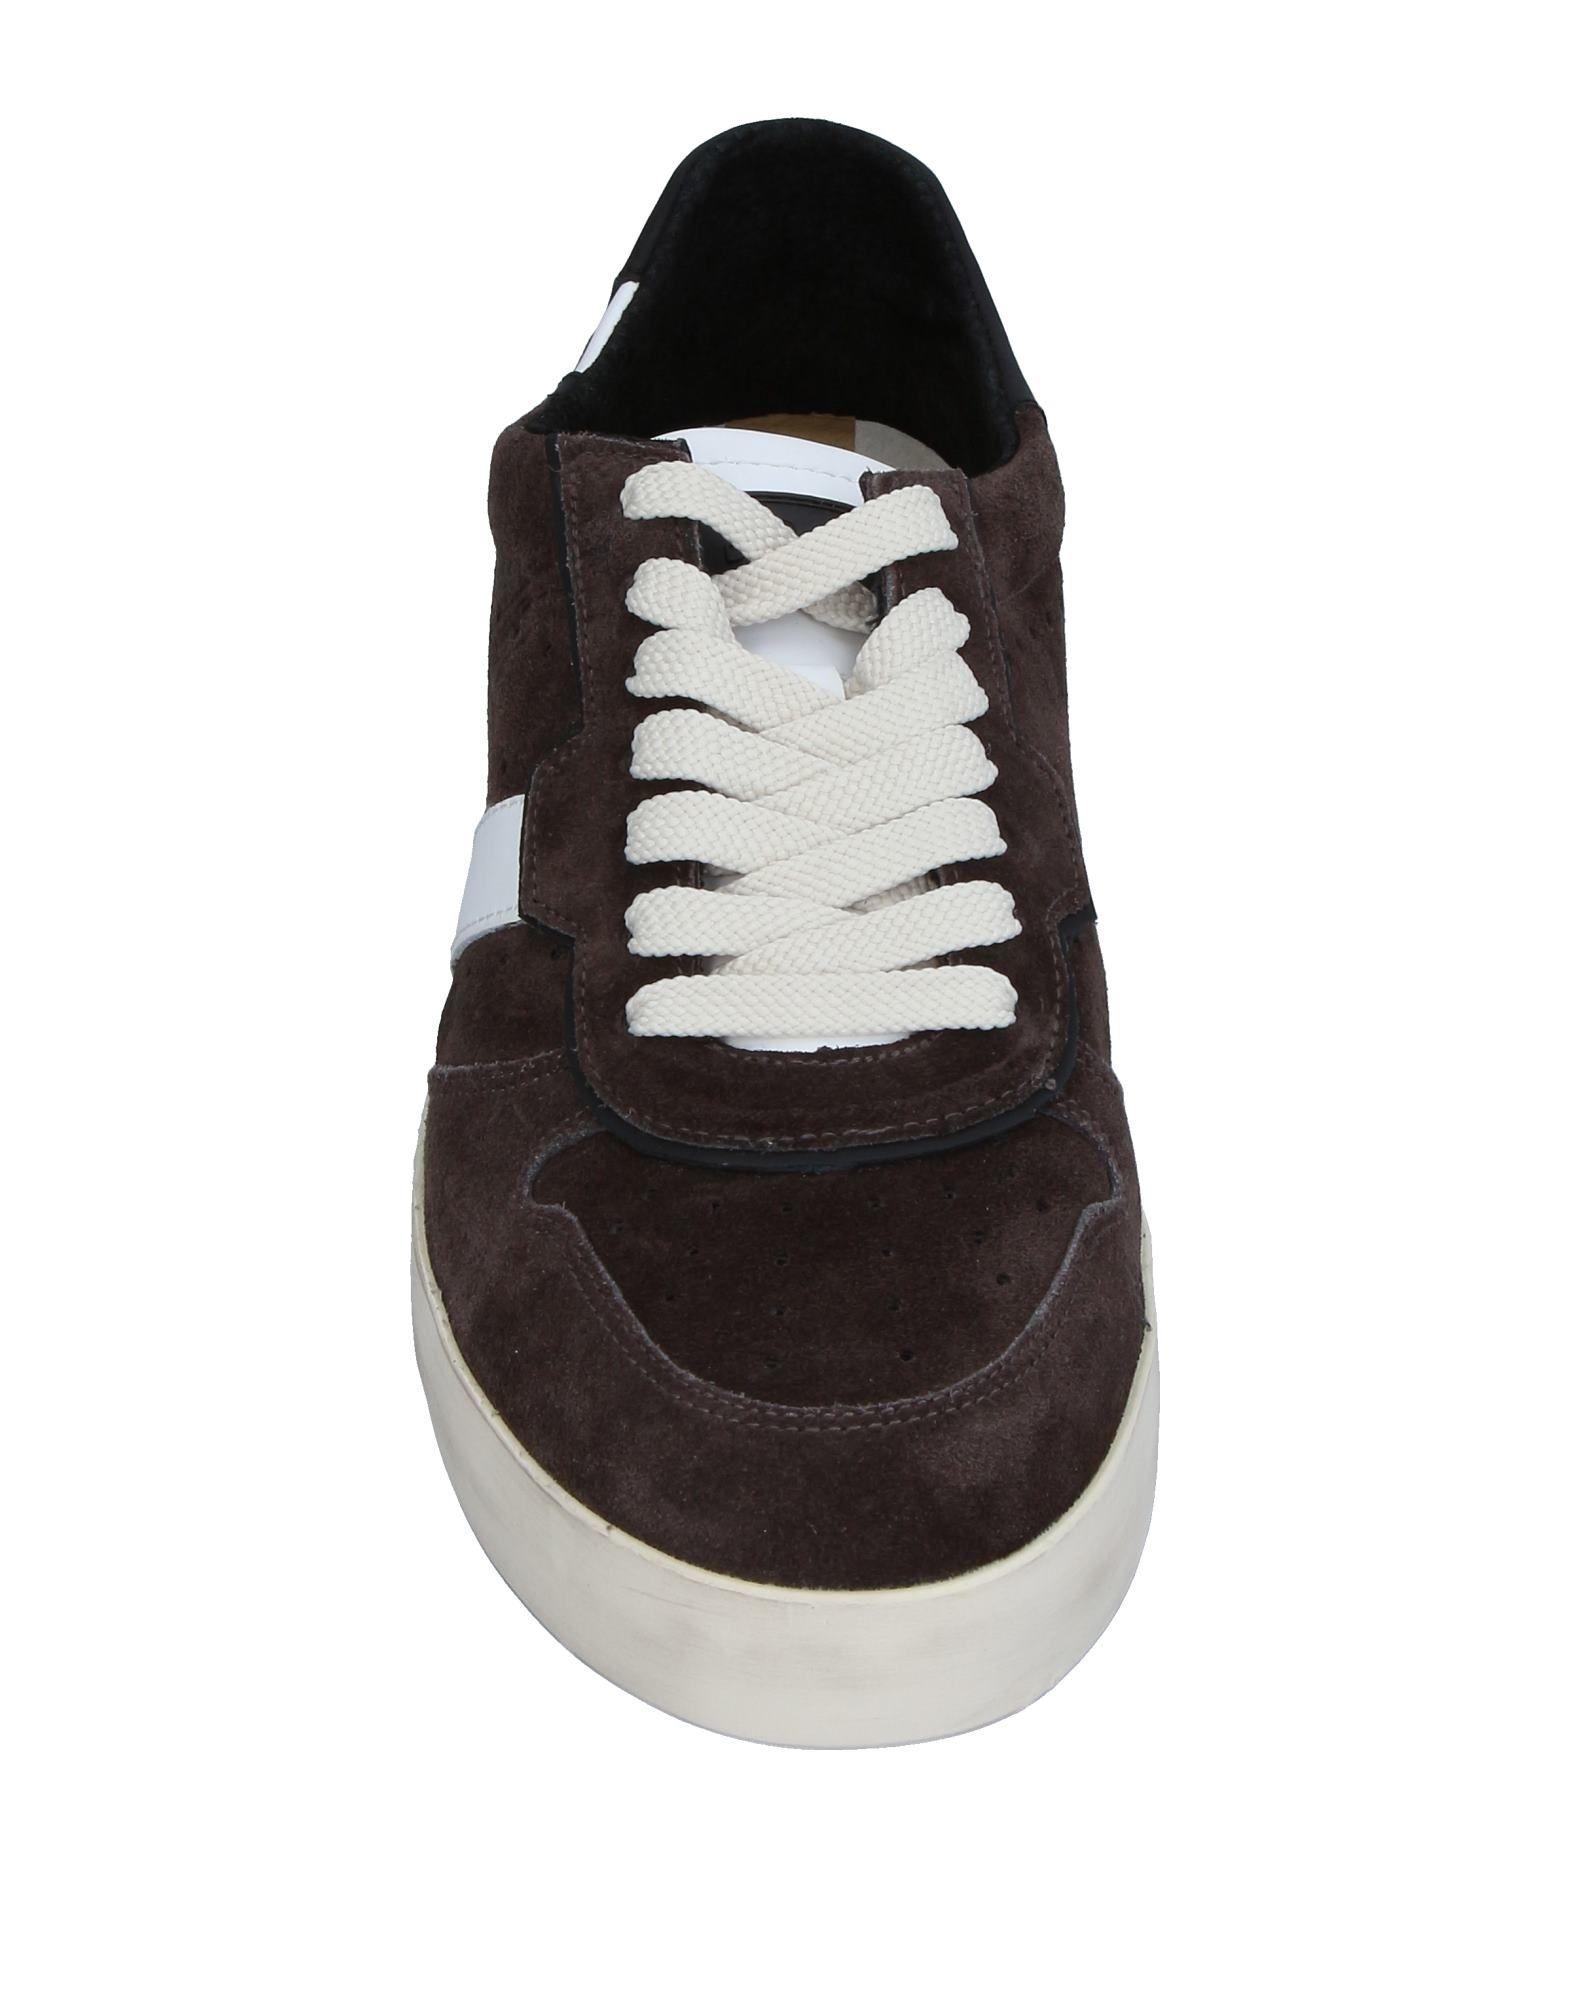 Sneakers D.A.T.E. Homme - Sneakers D.A.T.E. sur